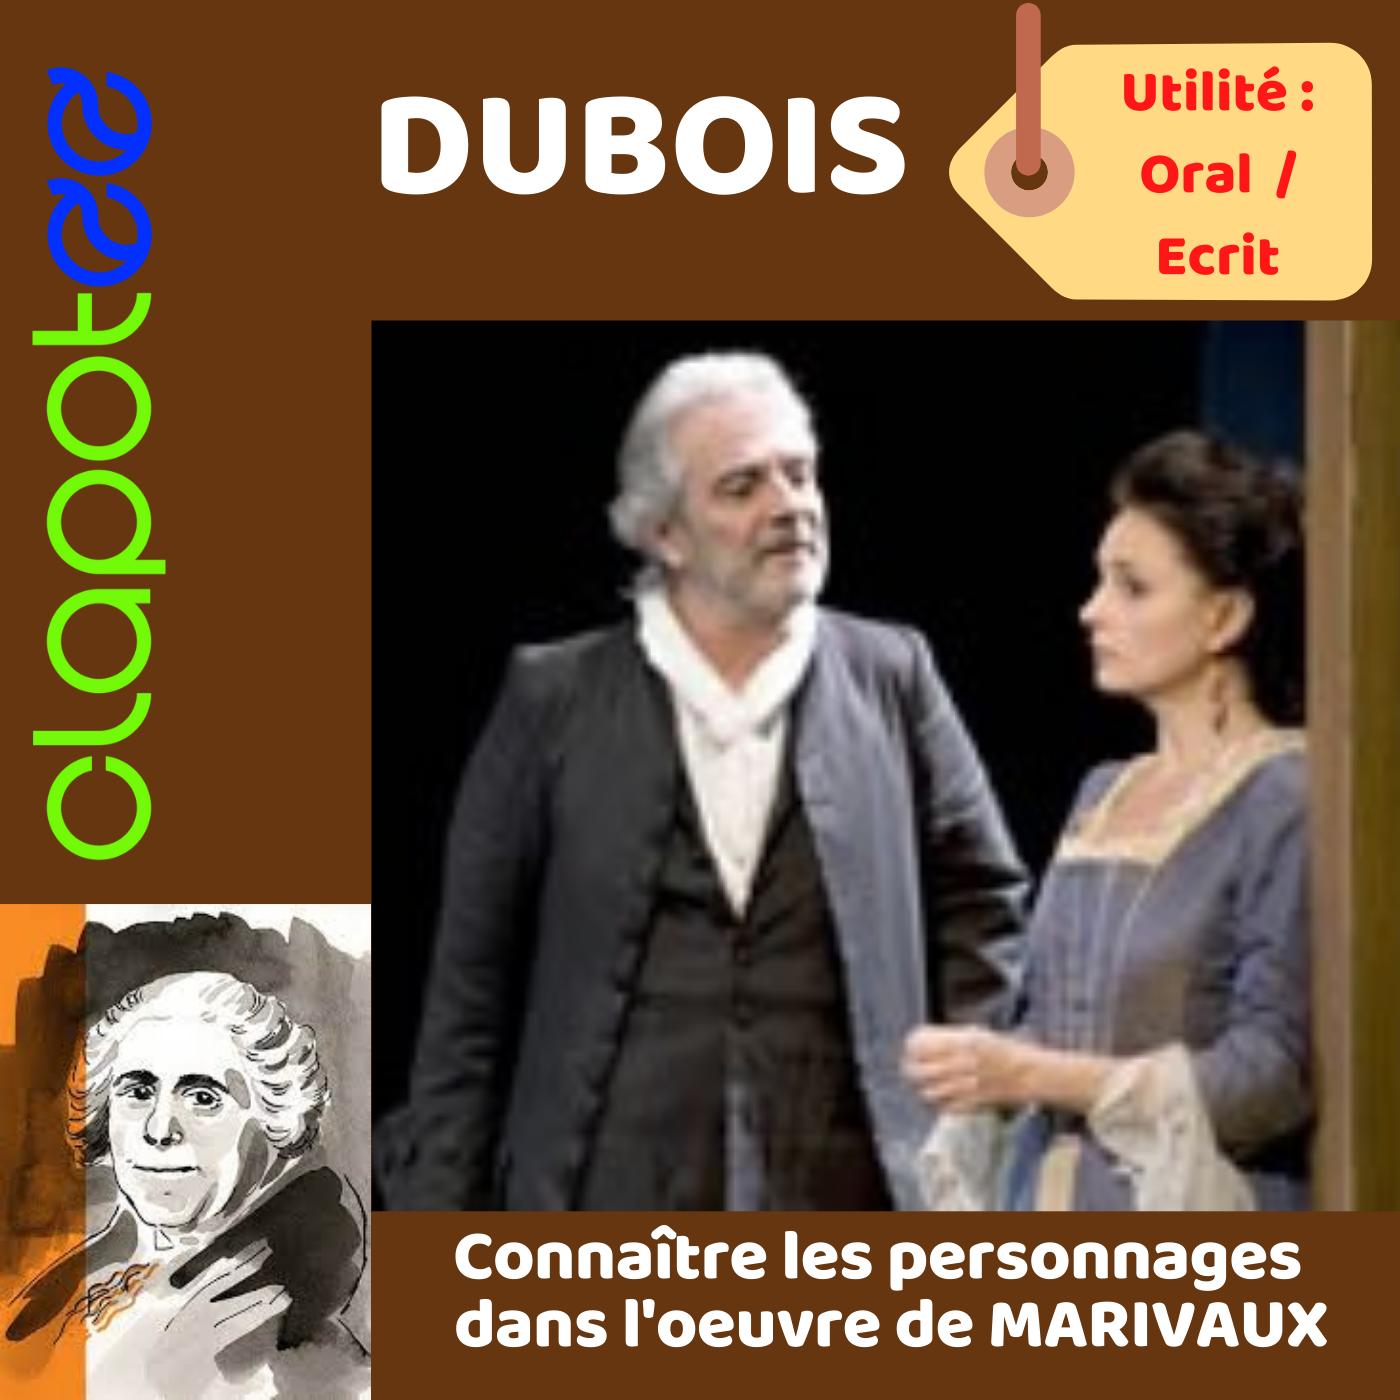 DUBOIS, L'habile valet stratège des Fausses Confidences de MARIVAUX